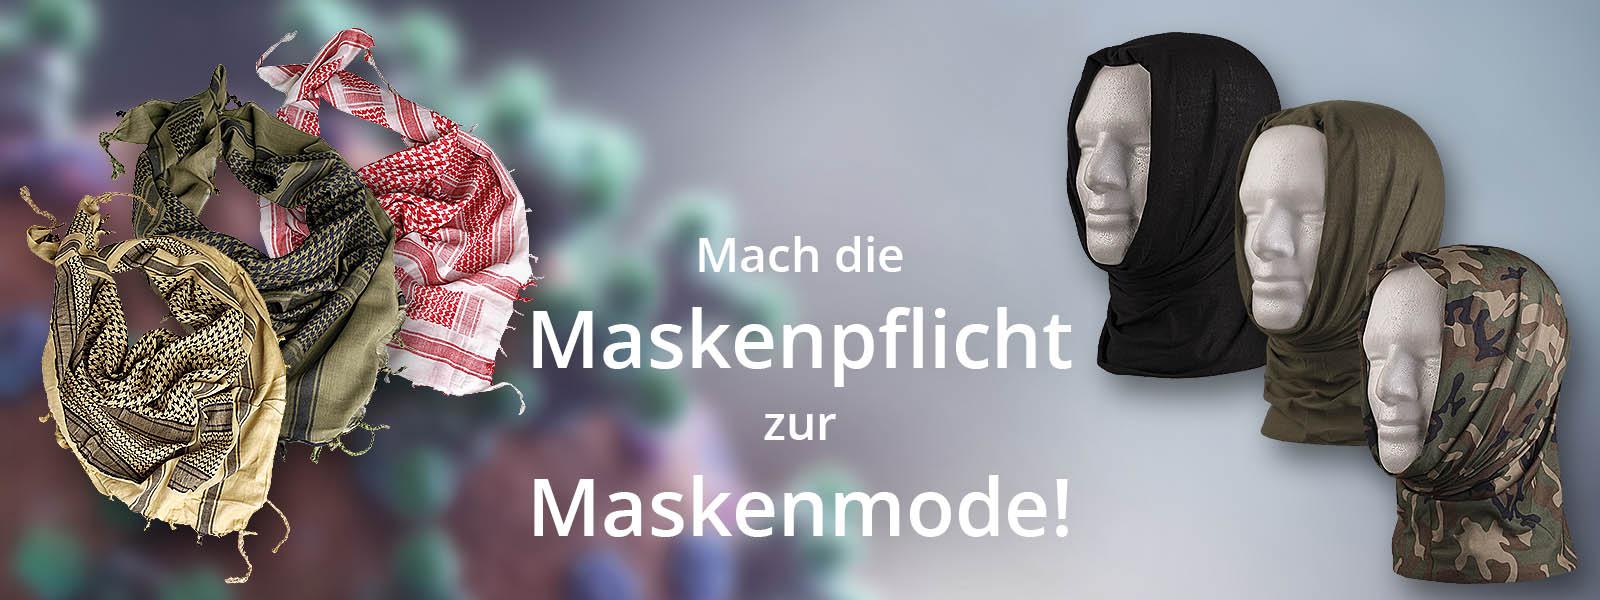 Masken für die Maskenpflicht